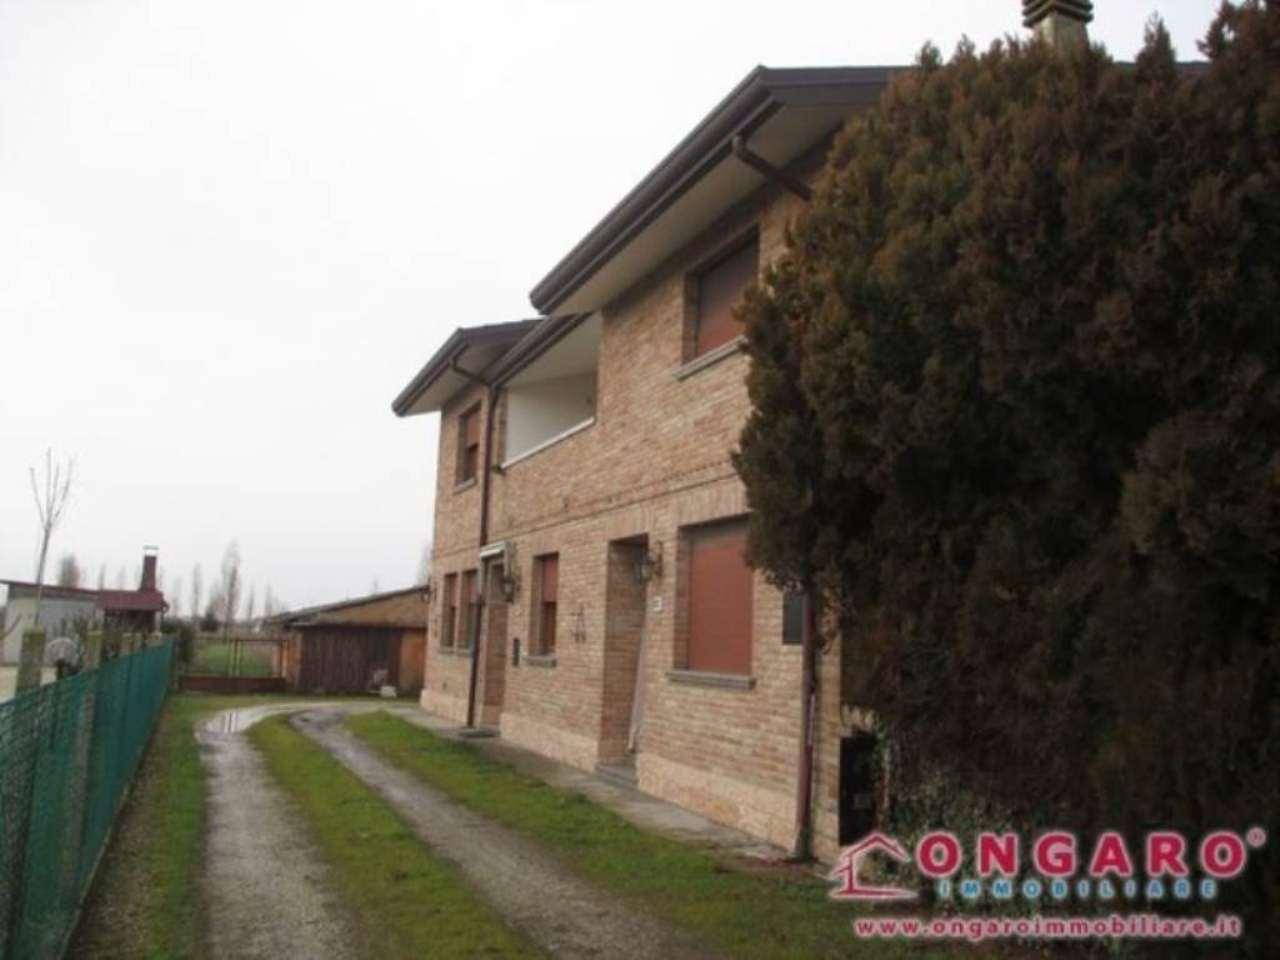 Soluzione Indipendente in vendita a Copparo, 6 locali, prezzo € 135.000 | Cambio Casa.it